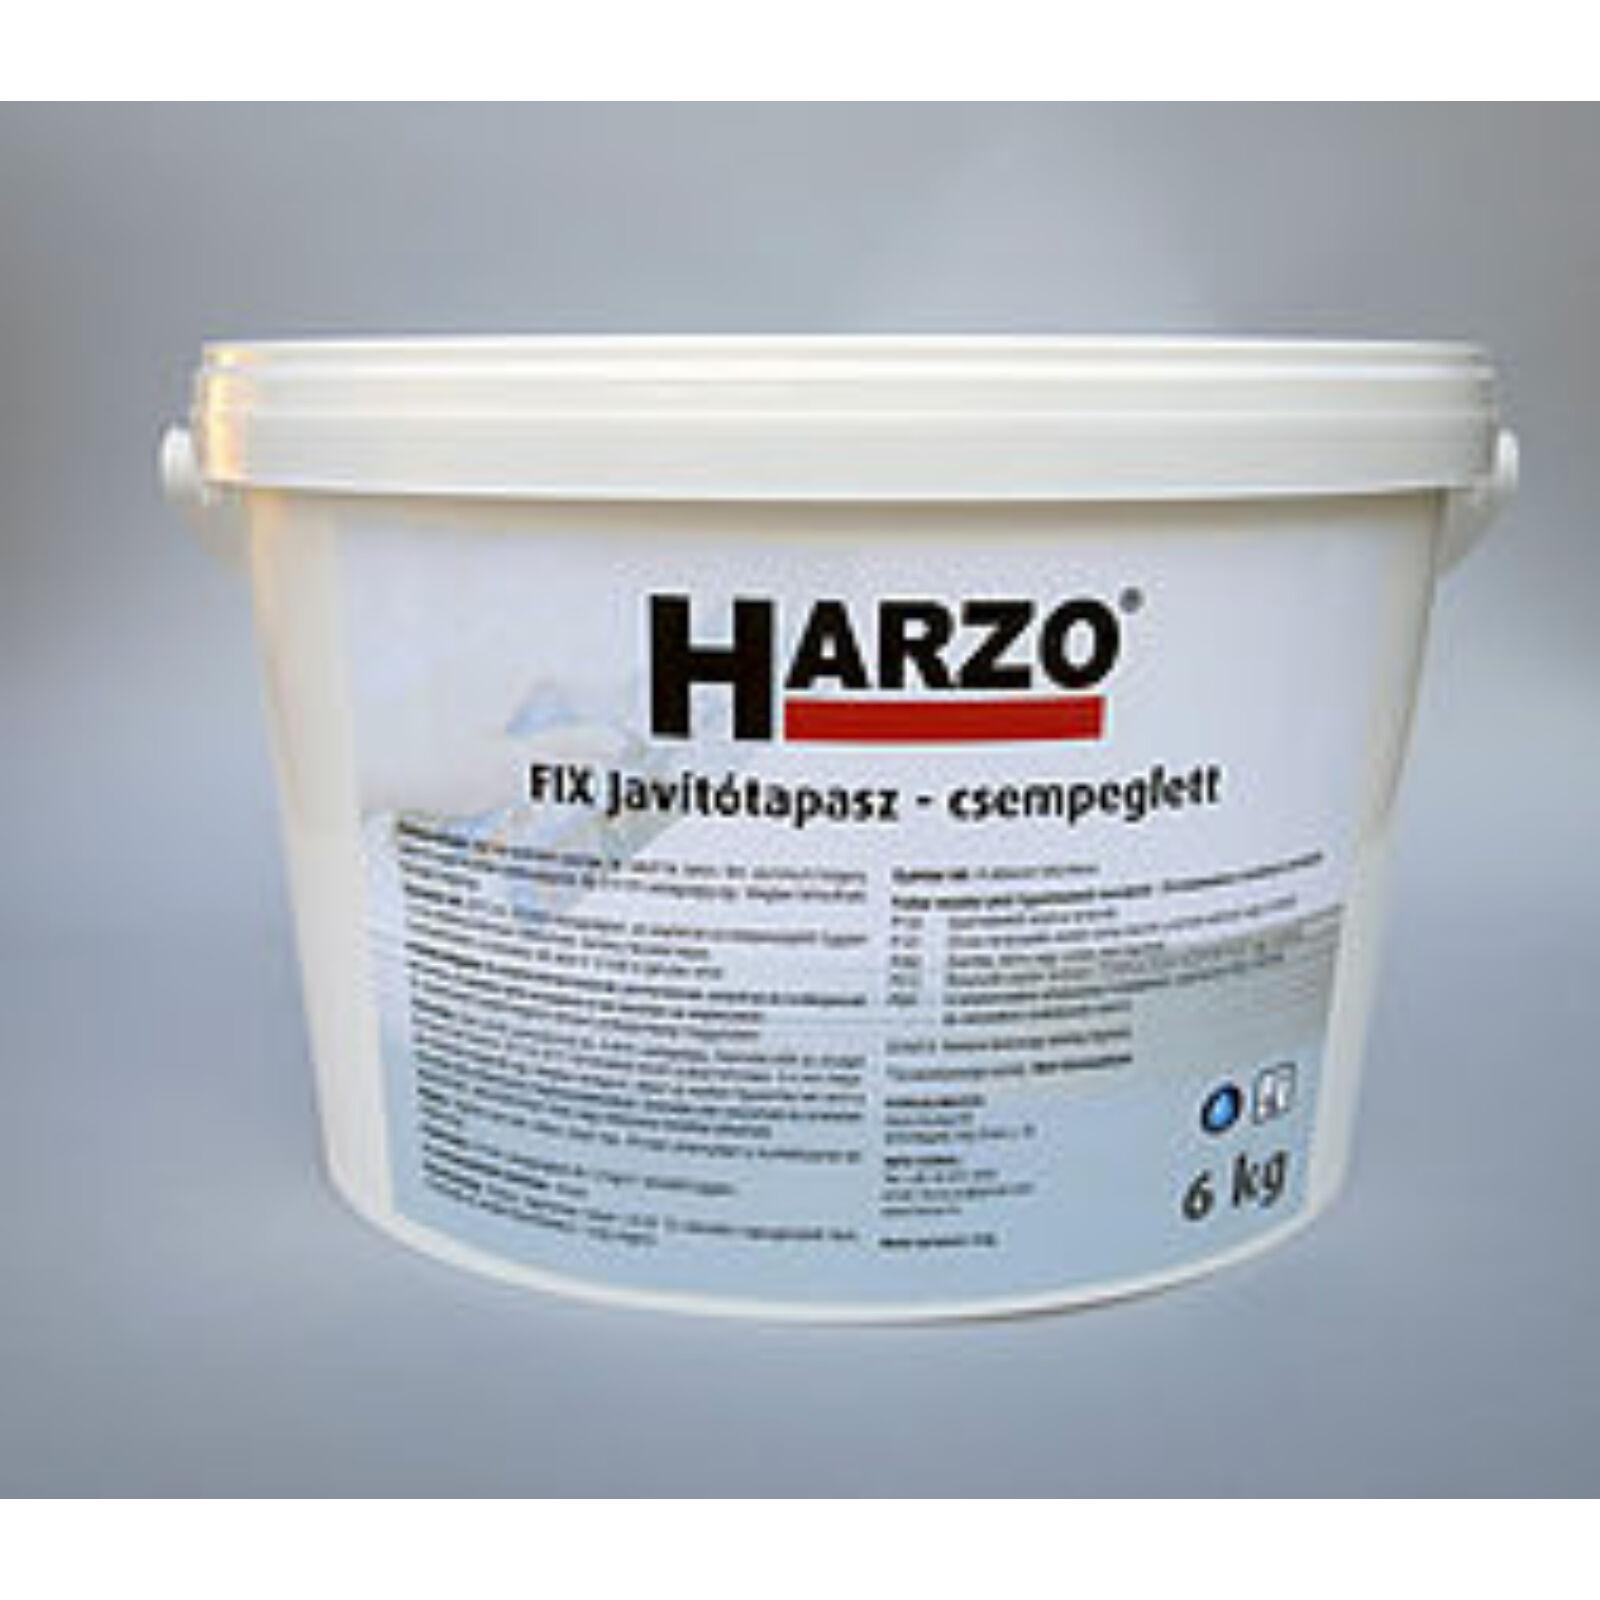 HARZO- Fix Csempeglett hídképzőglett [6 kg]